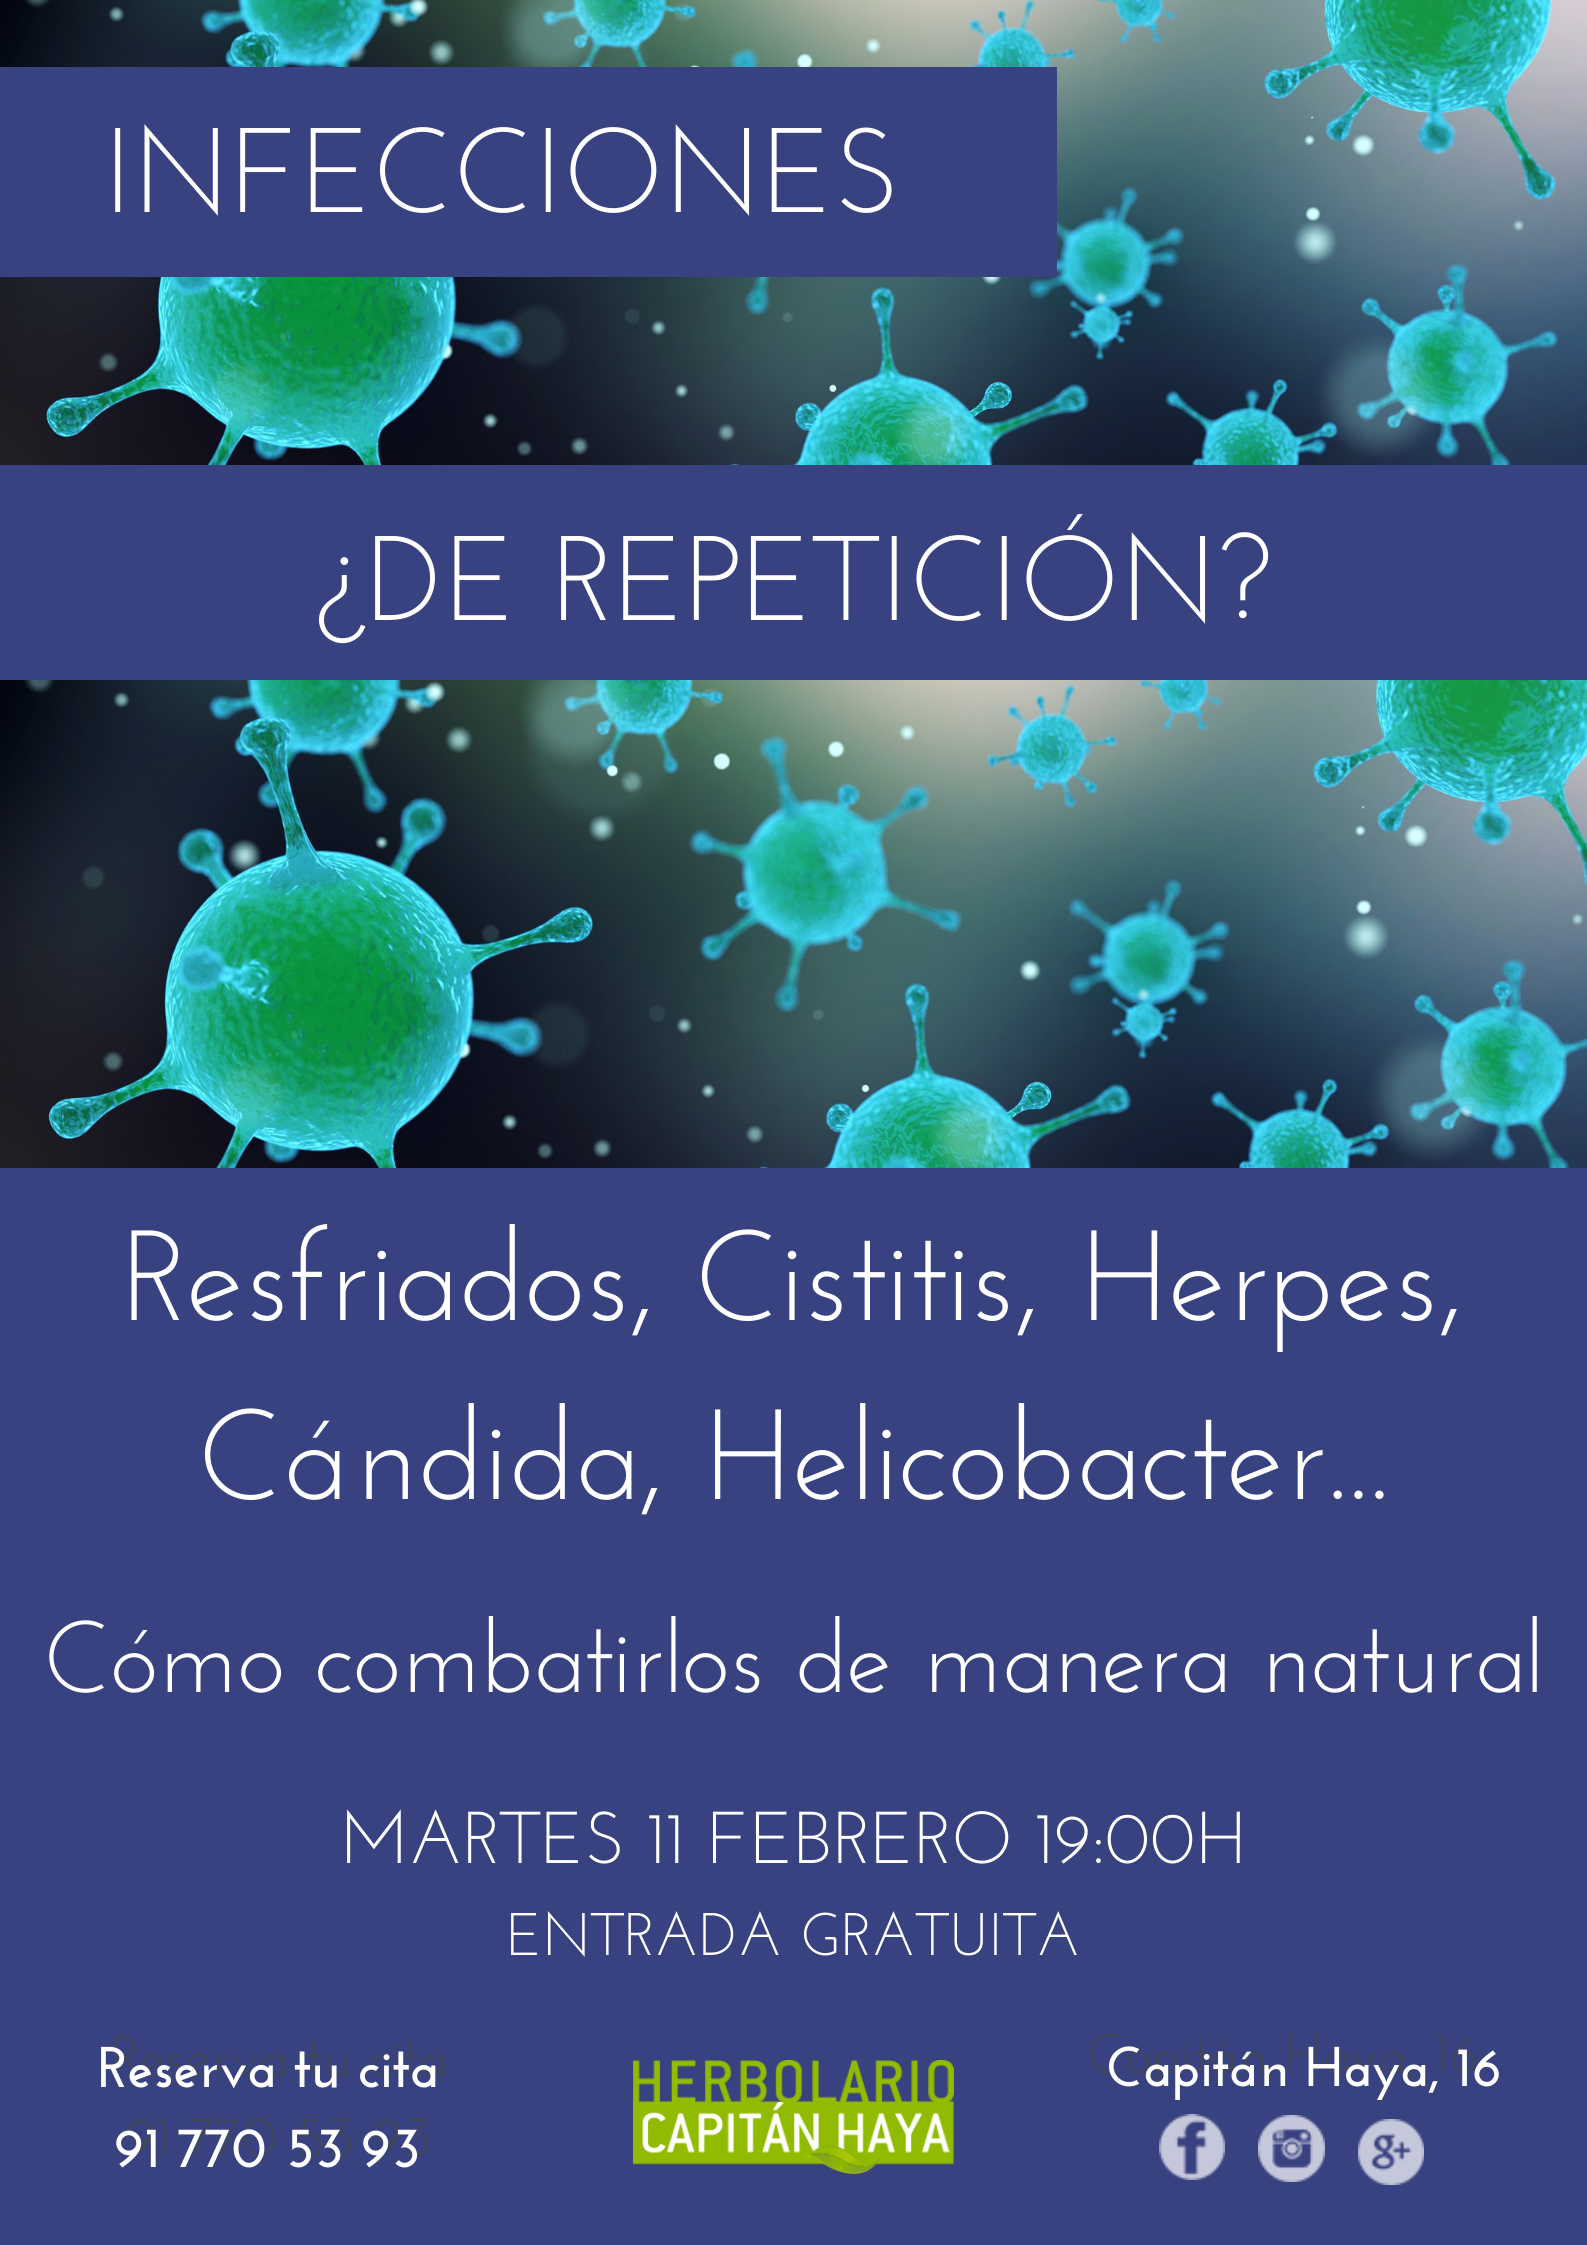 CONFERENCIA GRATUITA INFECCIONES DE REPETICION HELICOBACTER PYLORI CANDIDAS, E-COLI, CISTITIS, RESFRIADOS